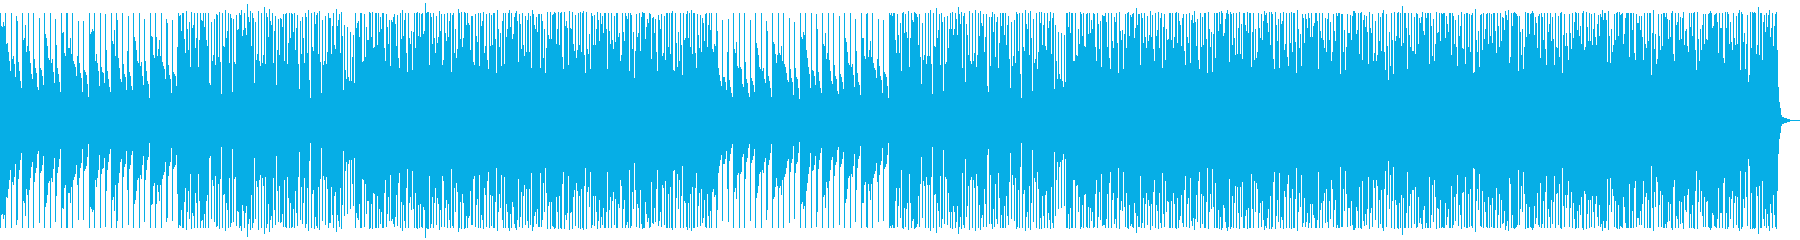 爽やか/ディープハウス_No677_1の再生済みの波形